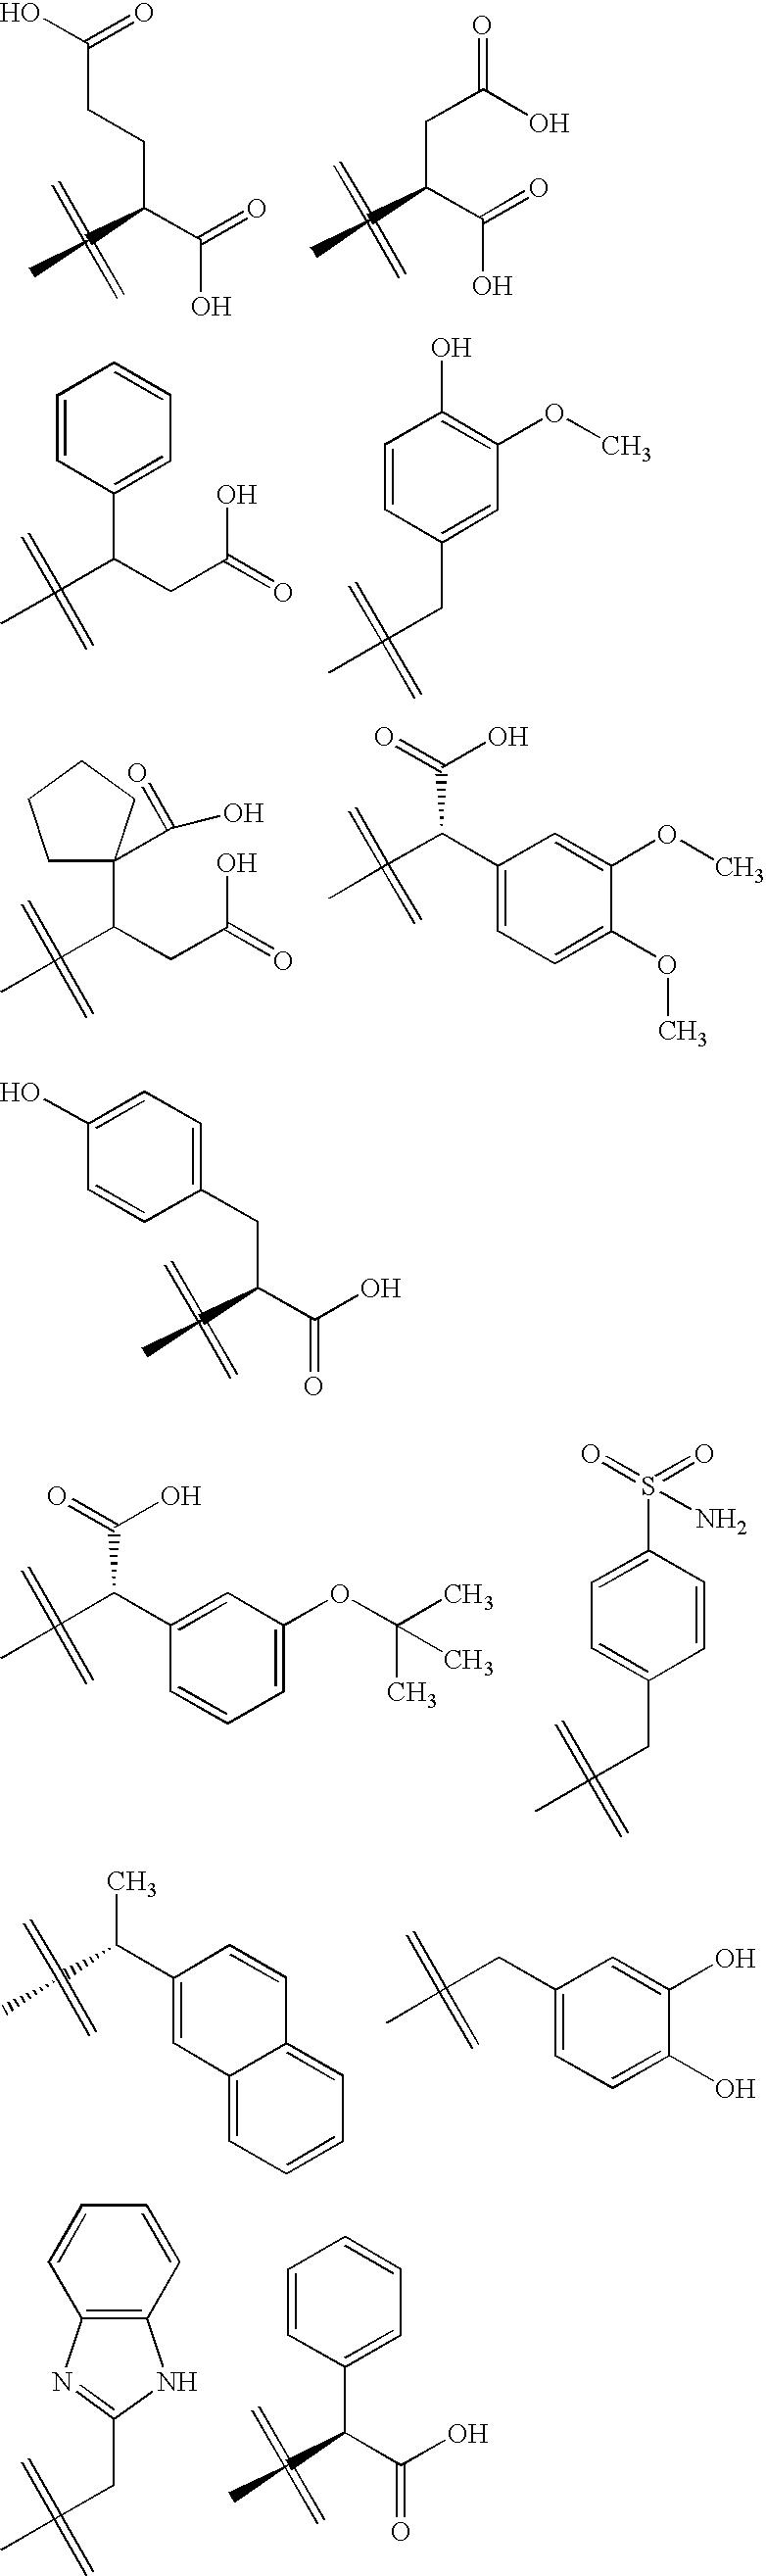 Figure US20070049593A1-20070301-C00115